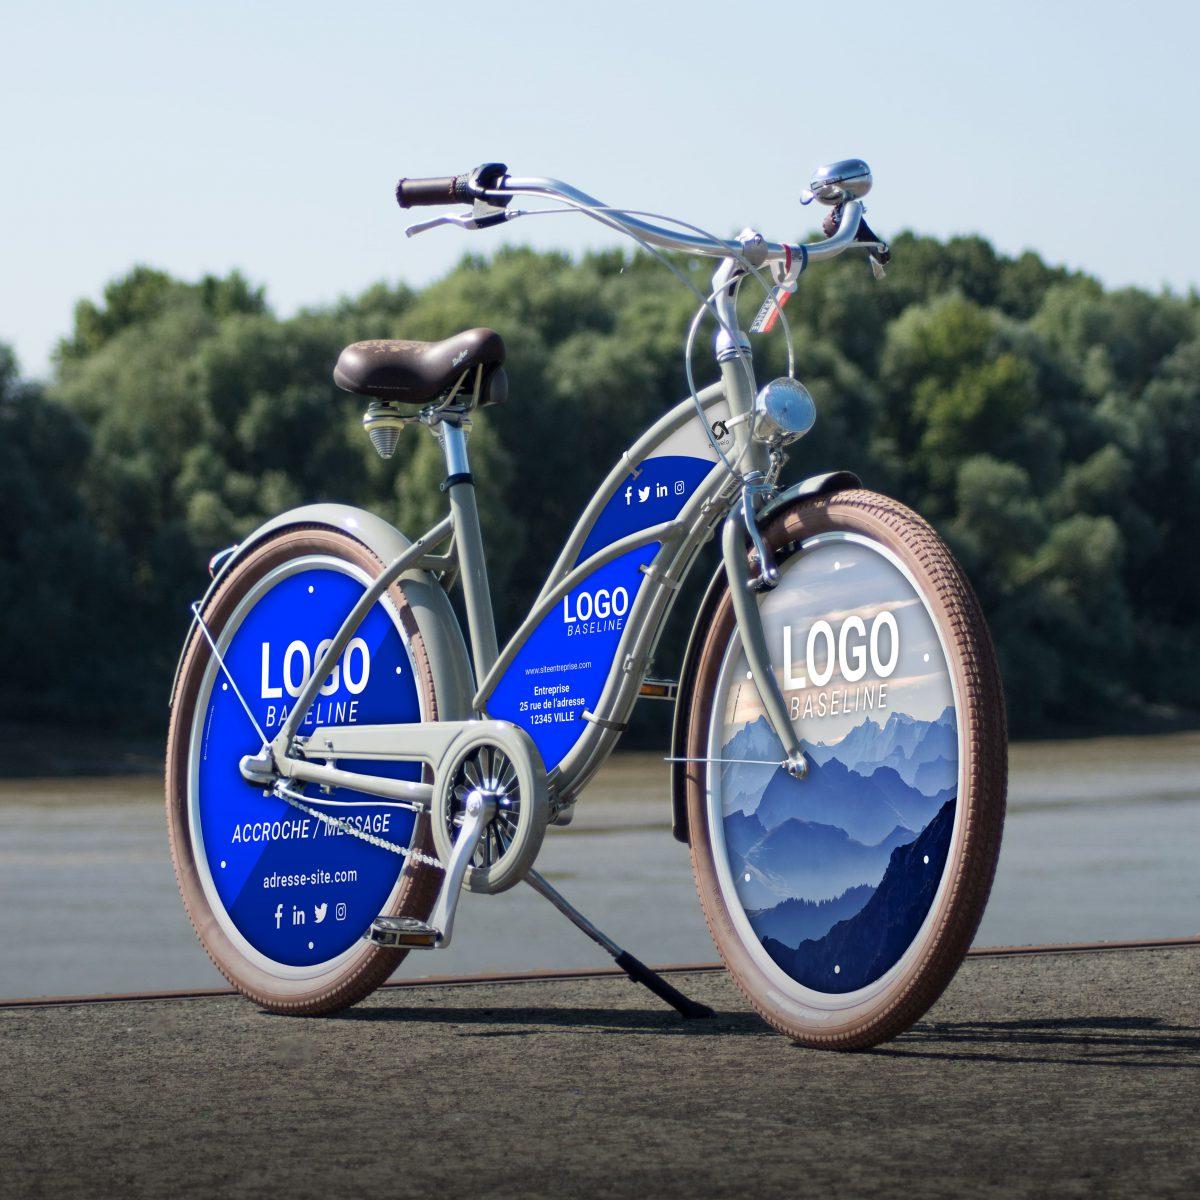 Vélo publicitaire Cruiser homme / femme. Deux roues lenticulaires avant arrière et un cadre aux couleurs et logos de votre entreprise. Pour des campagnes de communication percutantes